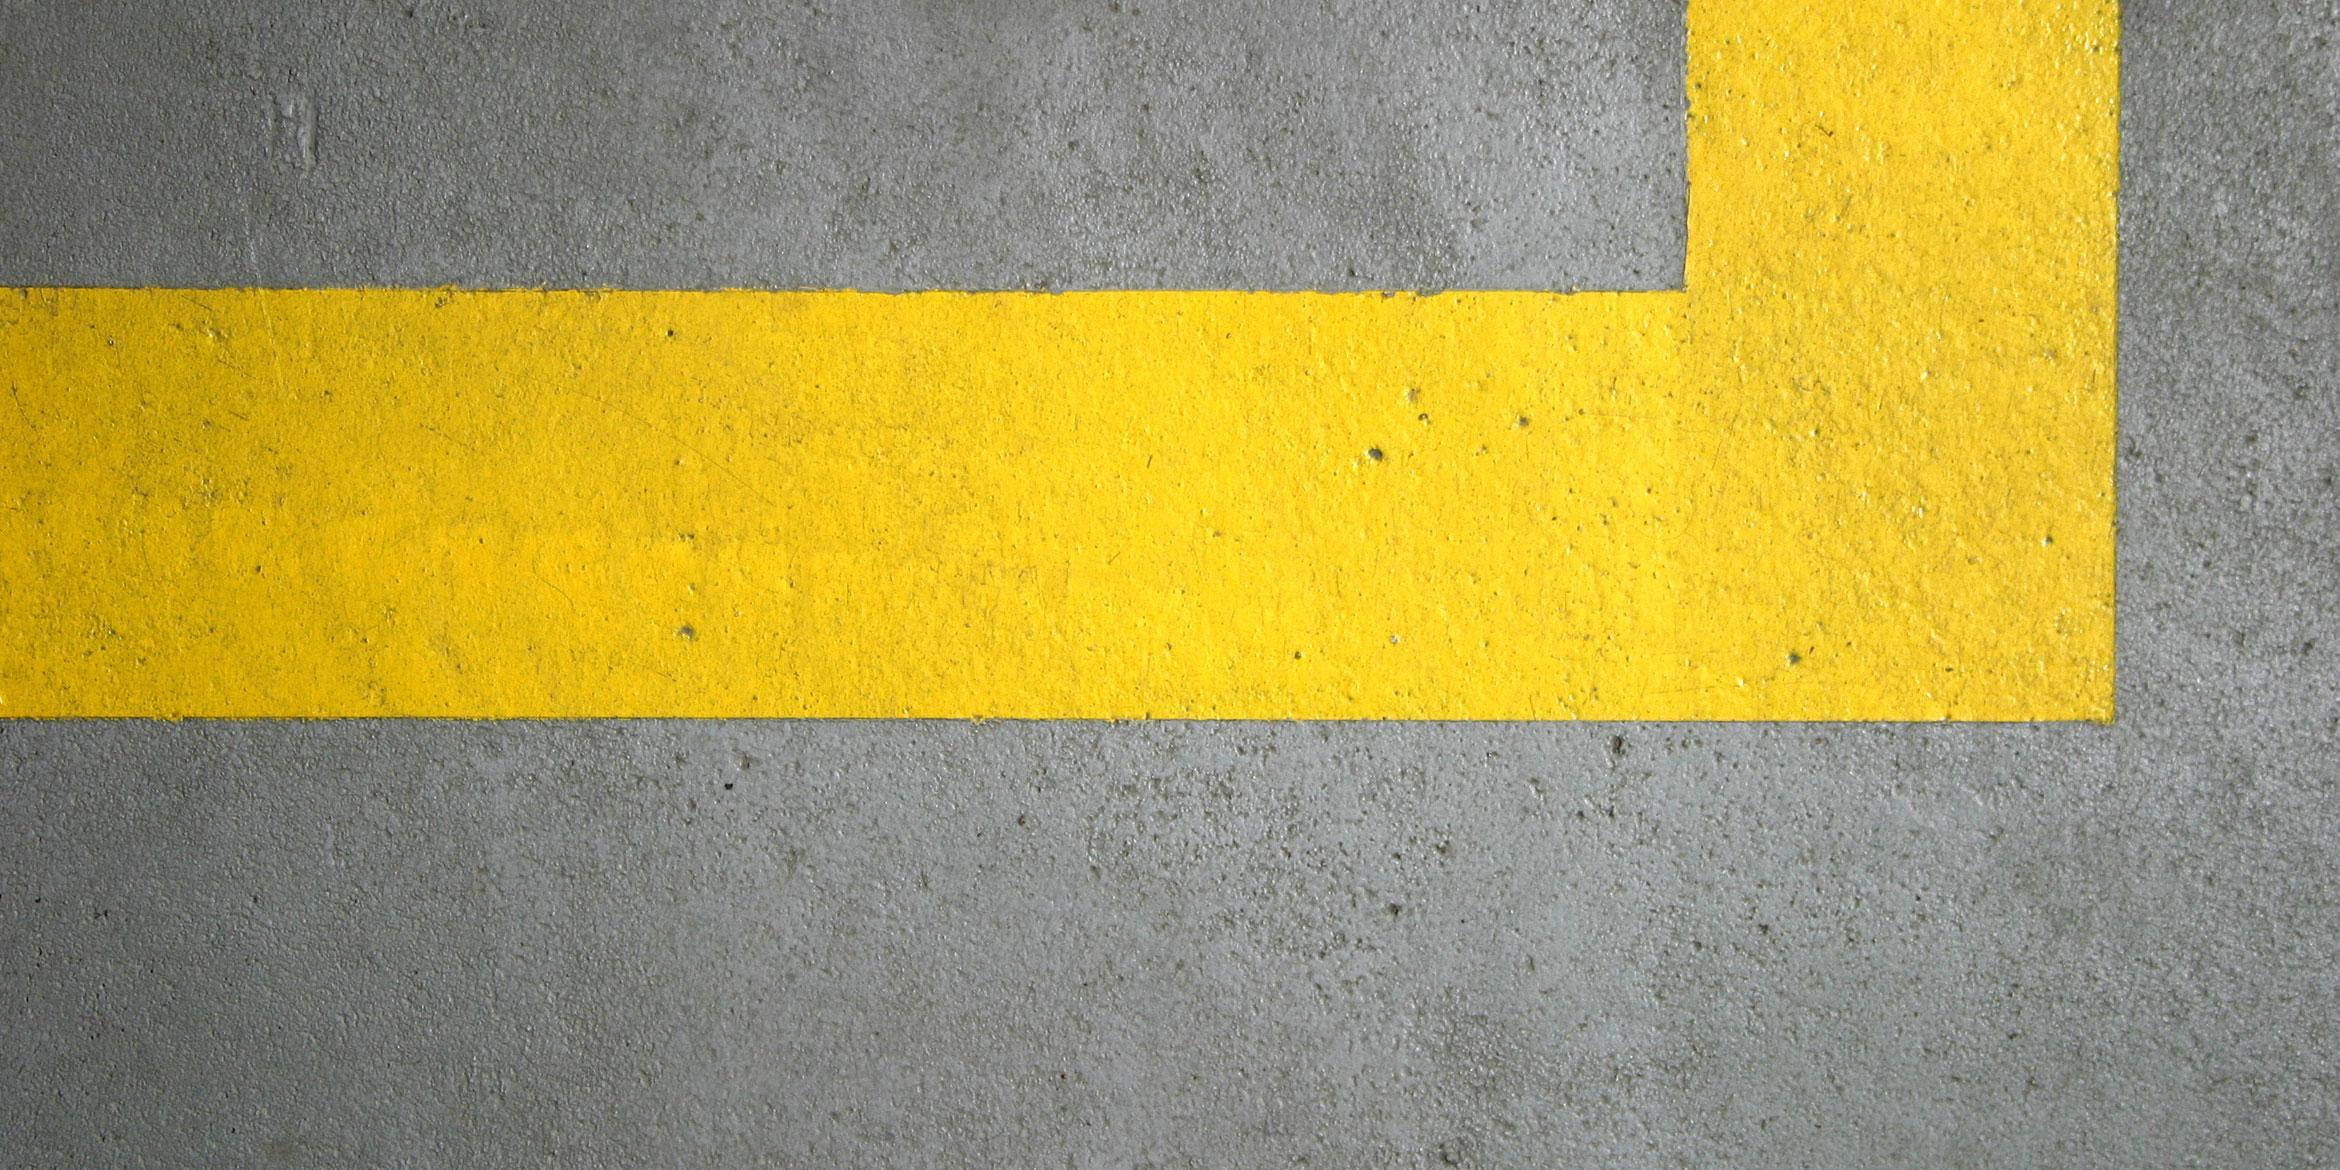 SAKRET International Lizenznehmer   gelb gestrichene Linie auf Betonuntergrund